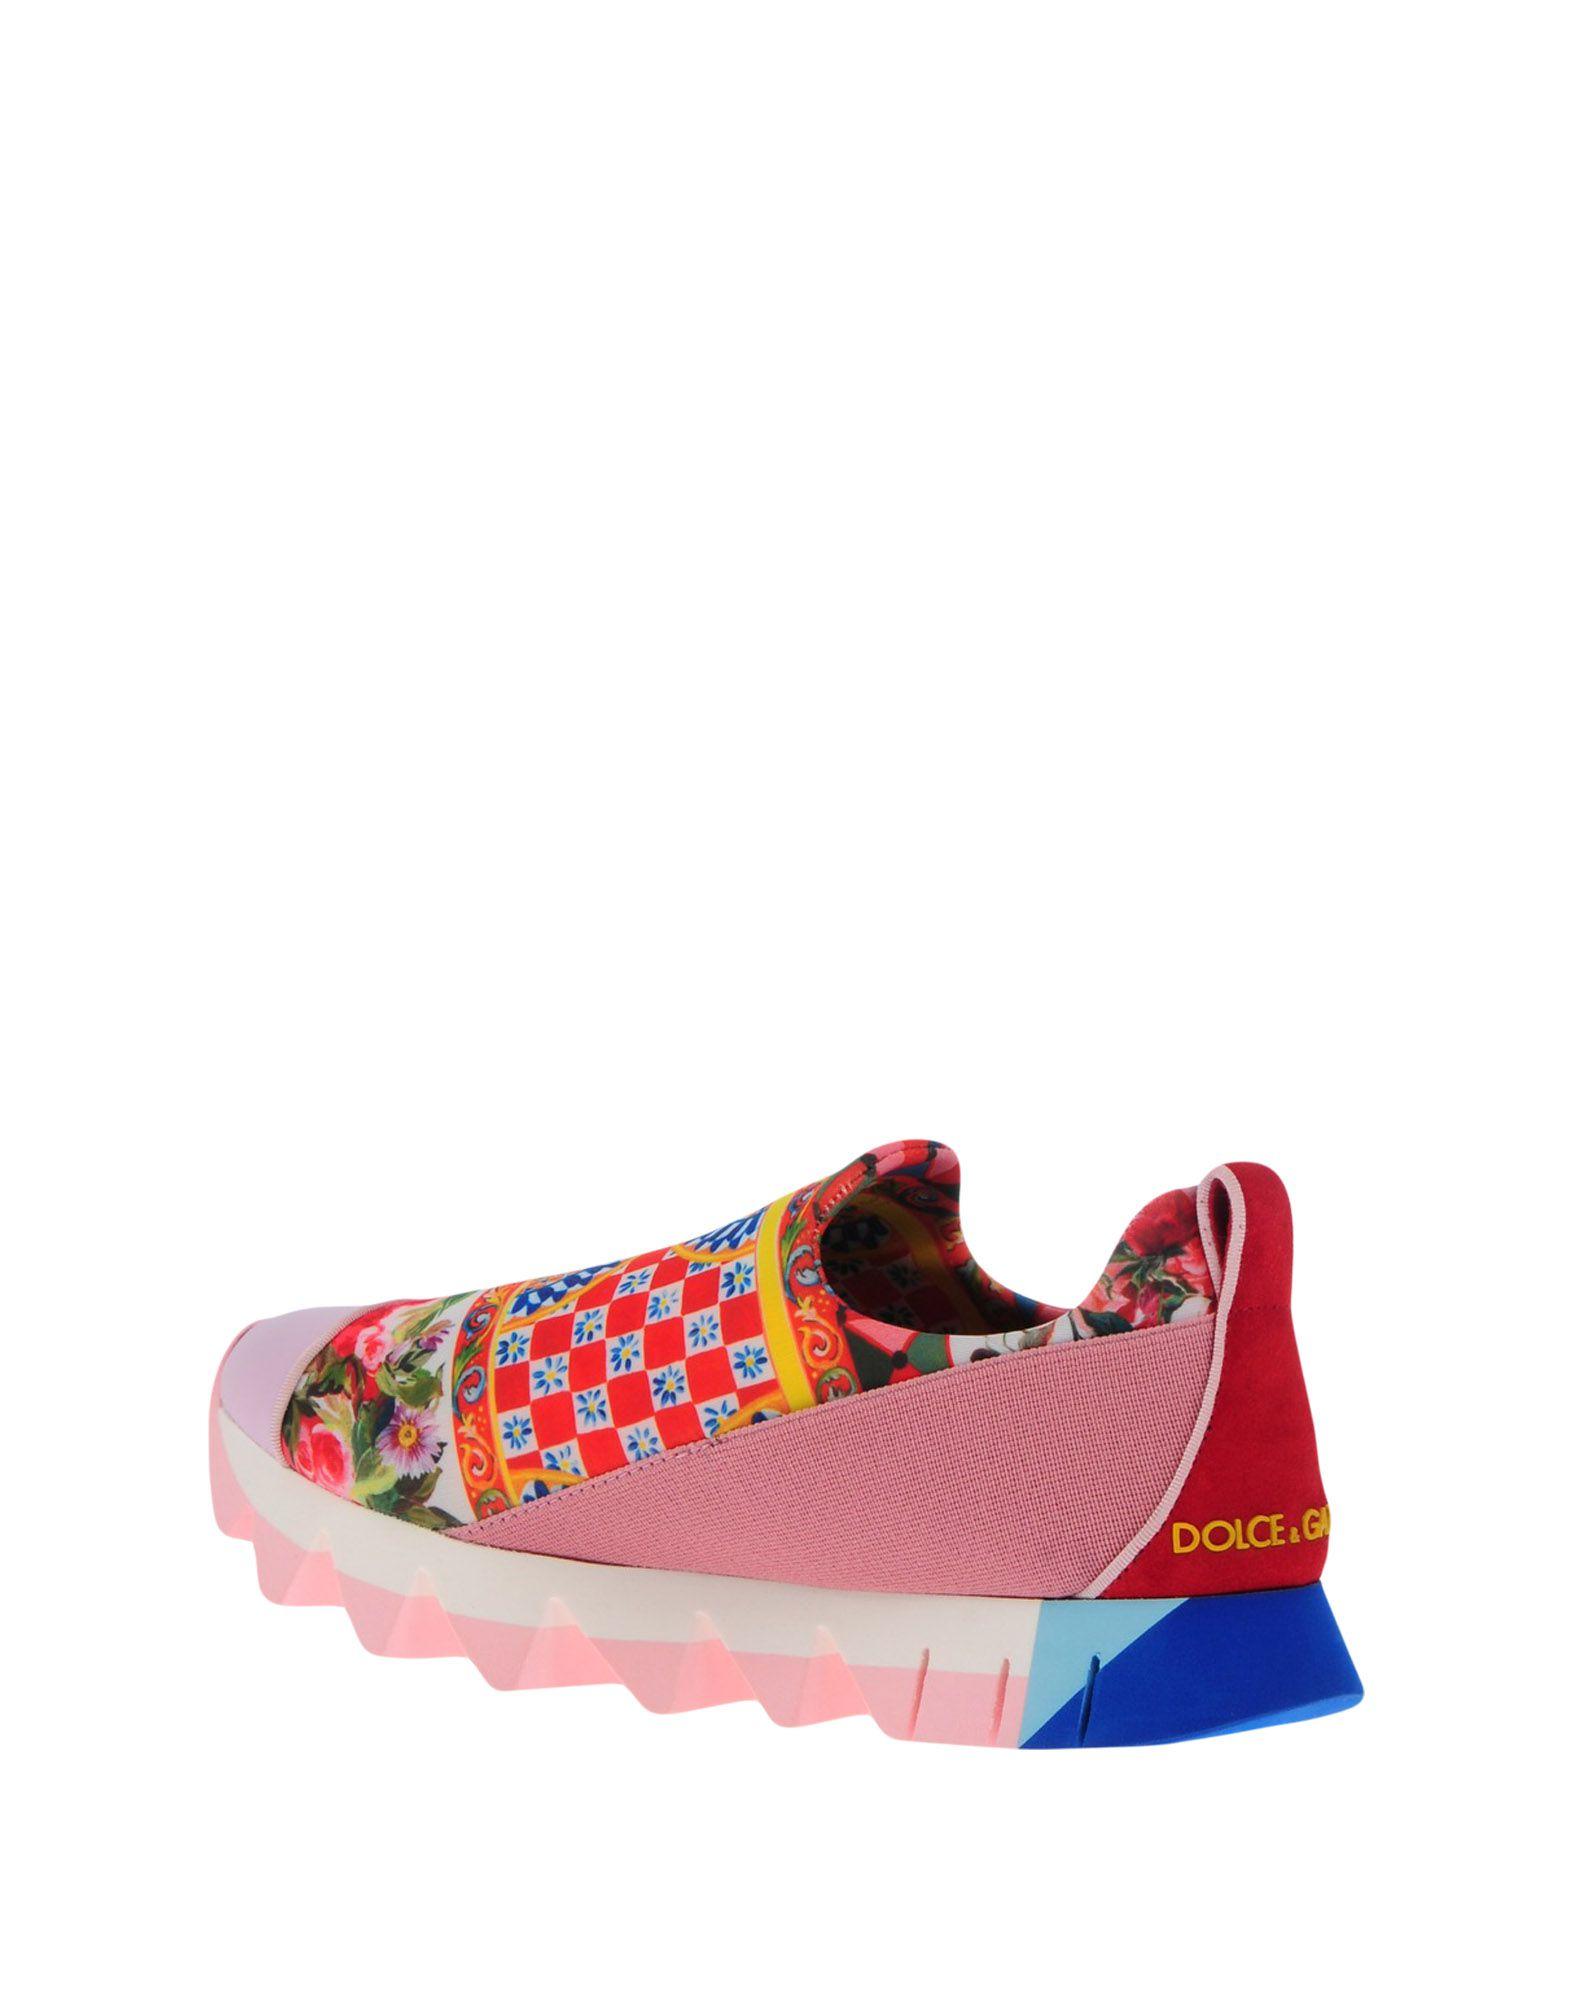 Dolce & Gabbana Sneakers Damen  11428180RNGünstige gut aussehende Schuhe